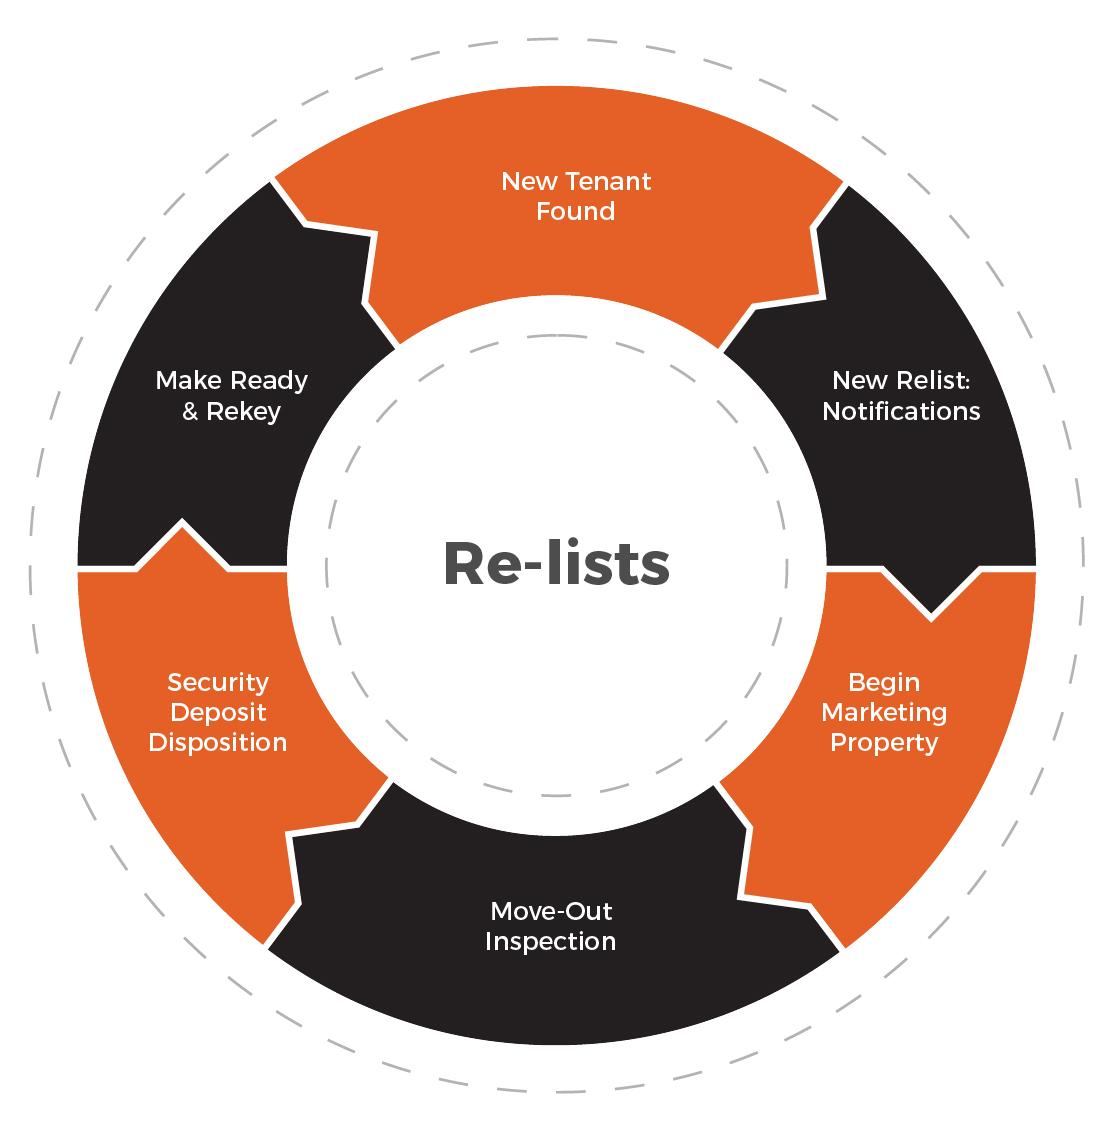 re-lists by Rent Bridge